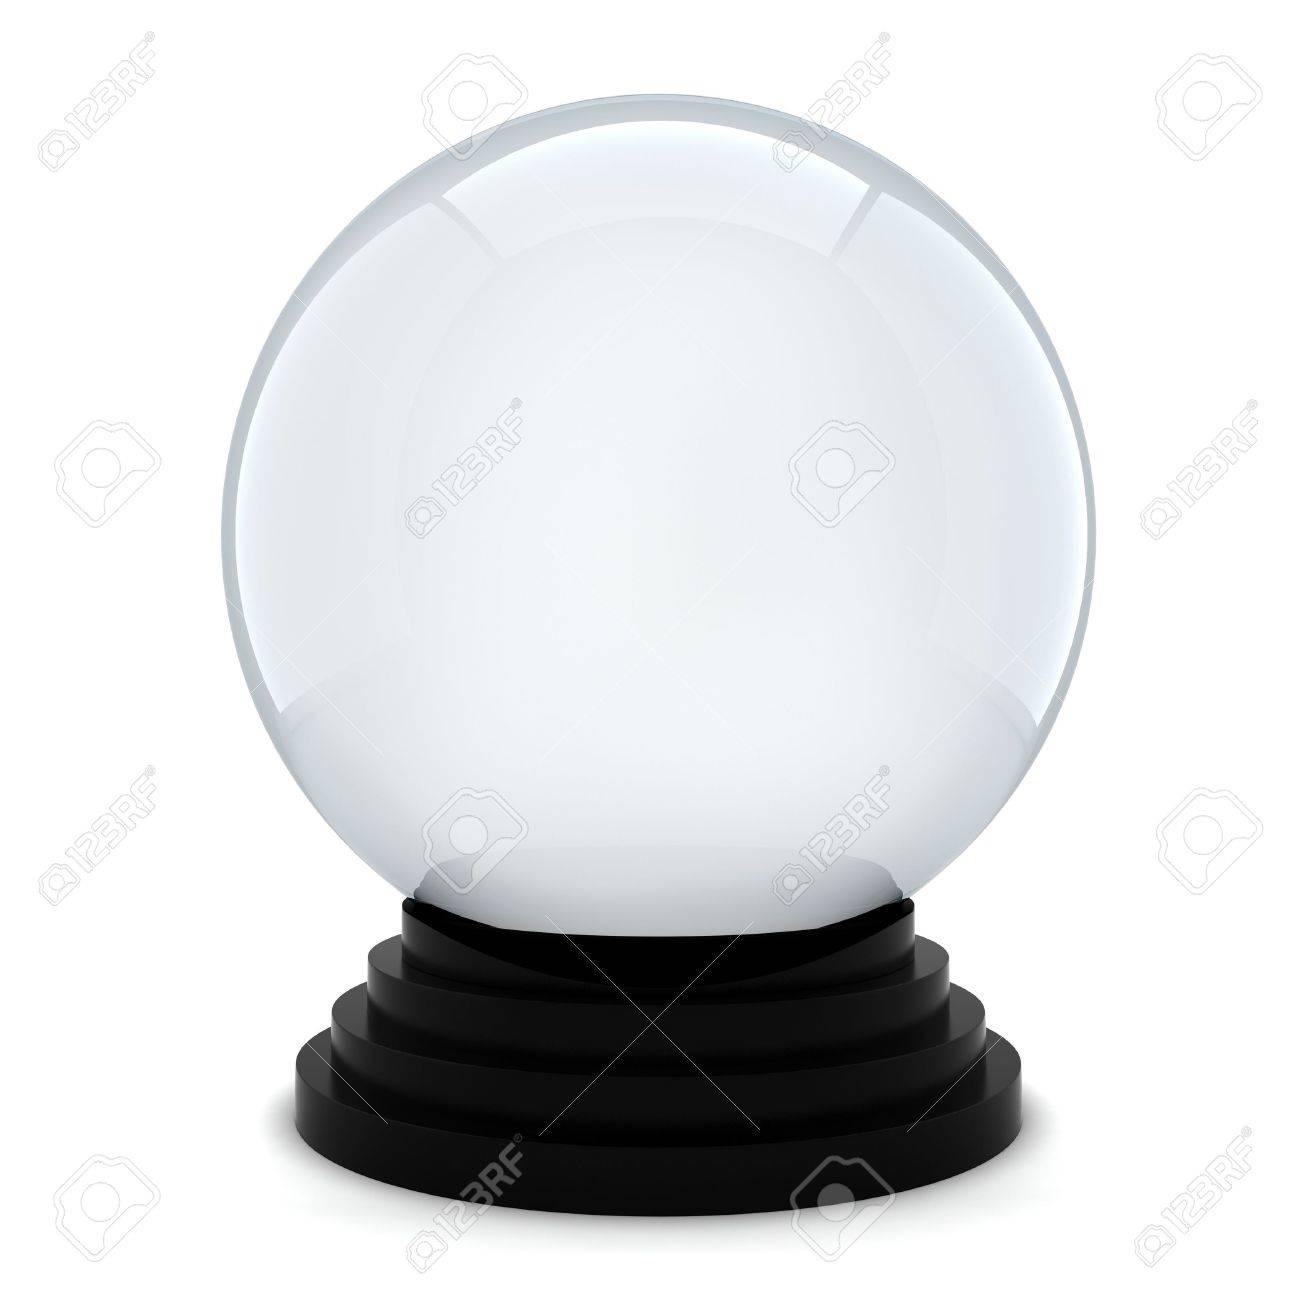 Teller Clipart sdatec.com